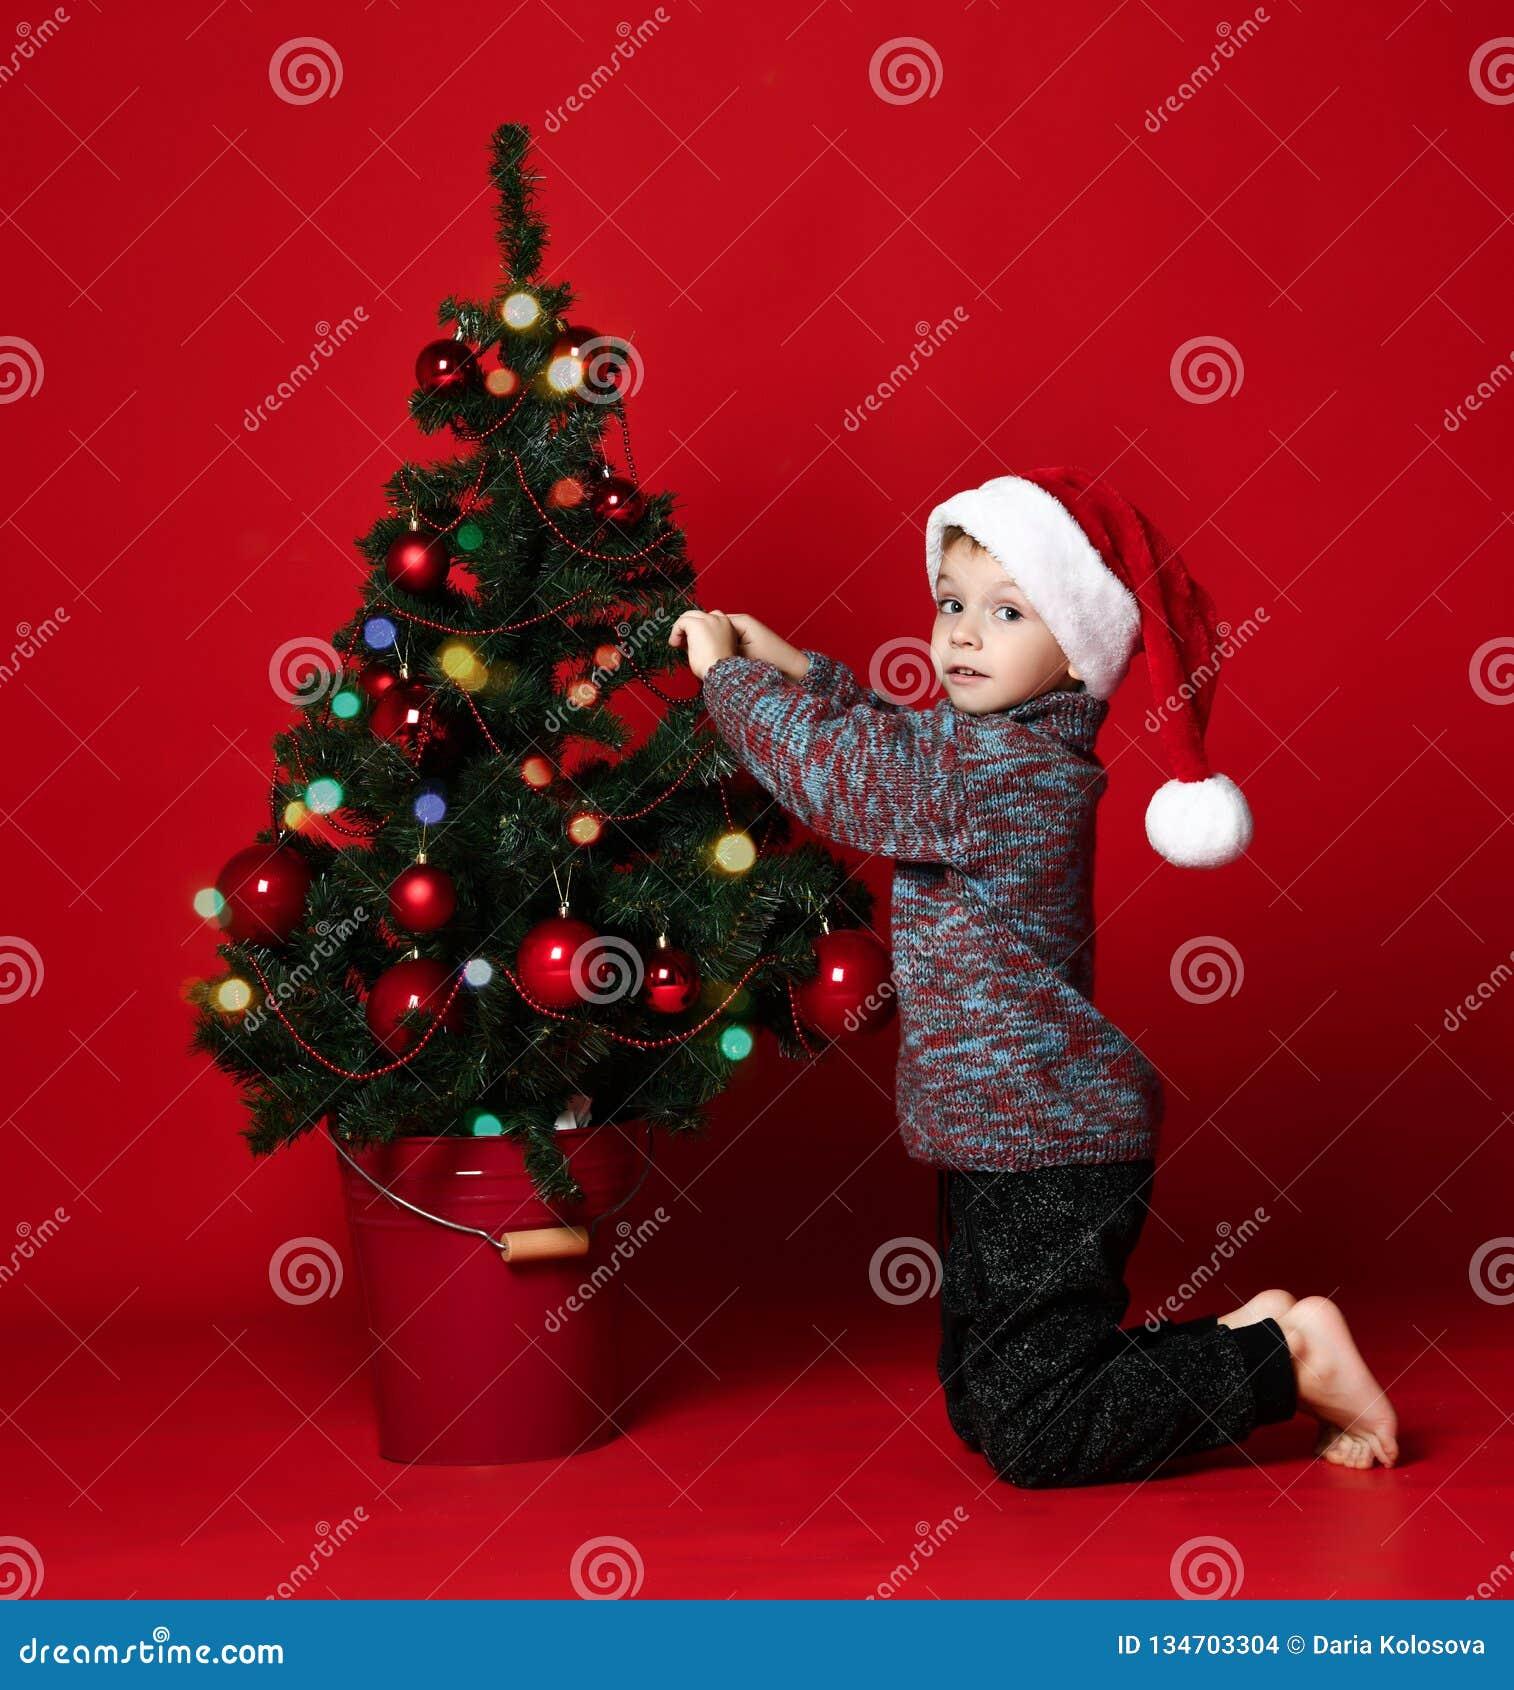 Concetto di Natale Nuovo anno il bambino si agghinda un albero di Natale Giocattoli di Natale e dei bambini